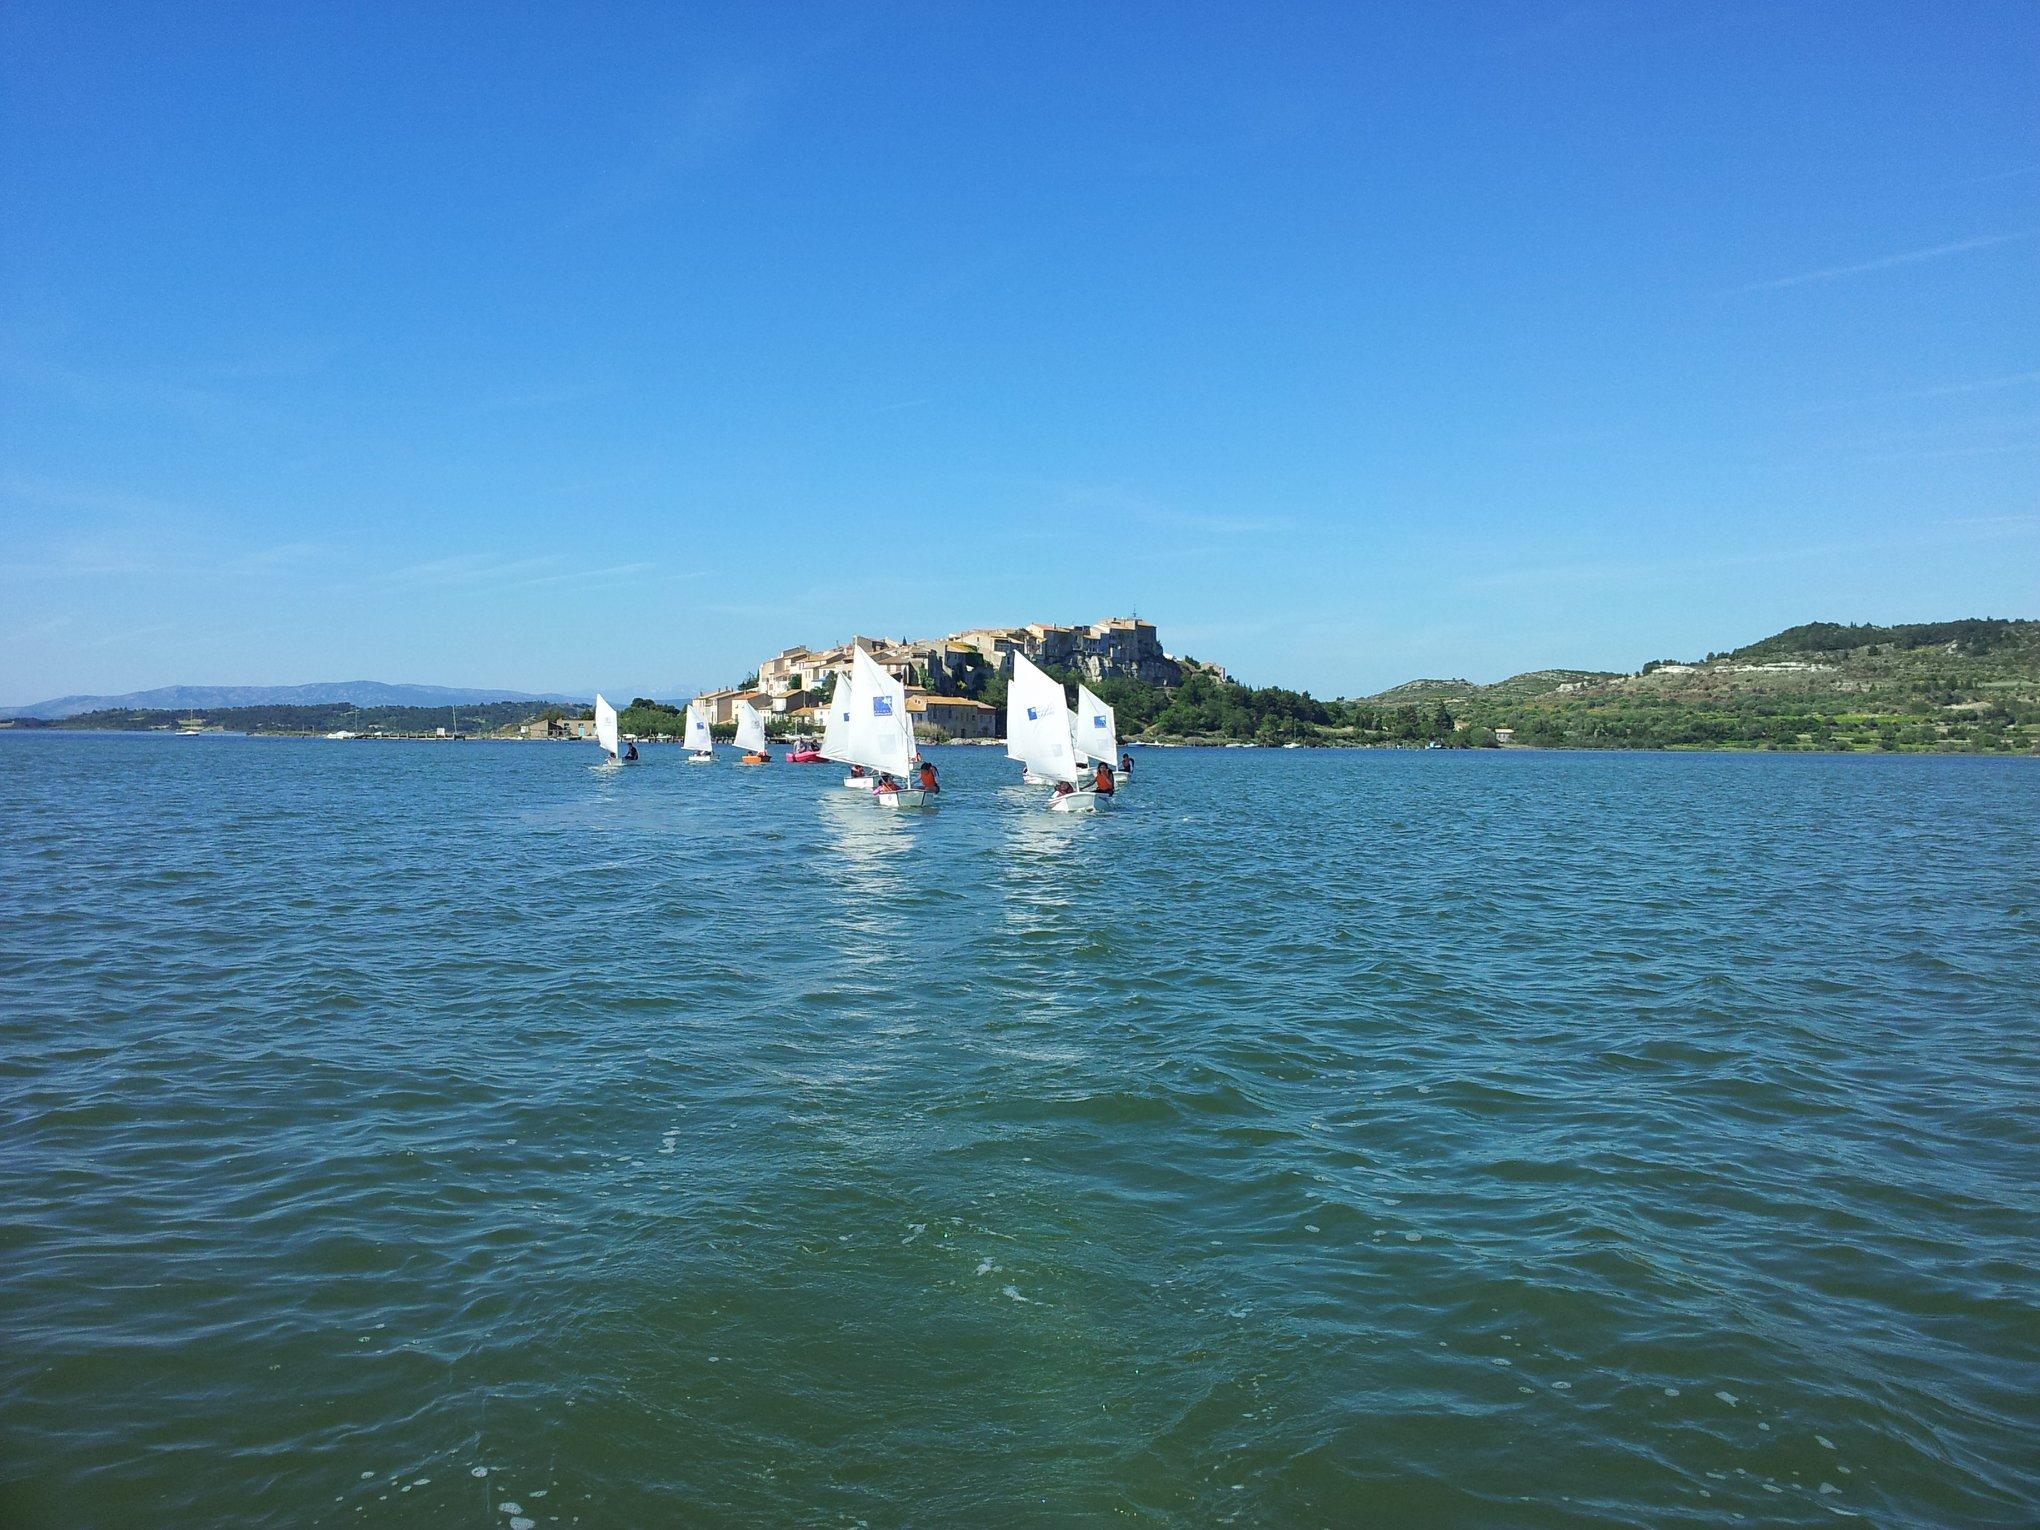 Activité nautique Narbonne: Optimist